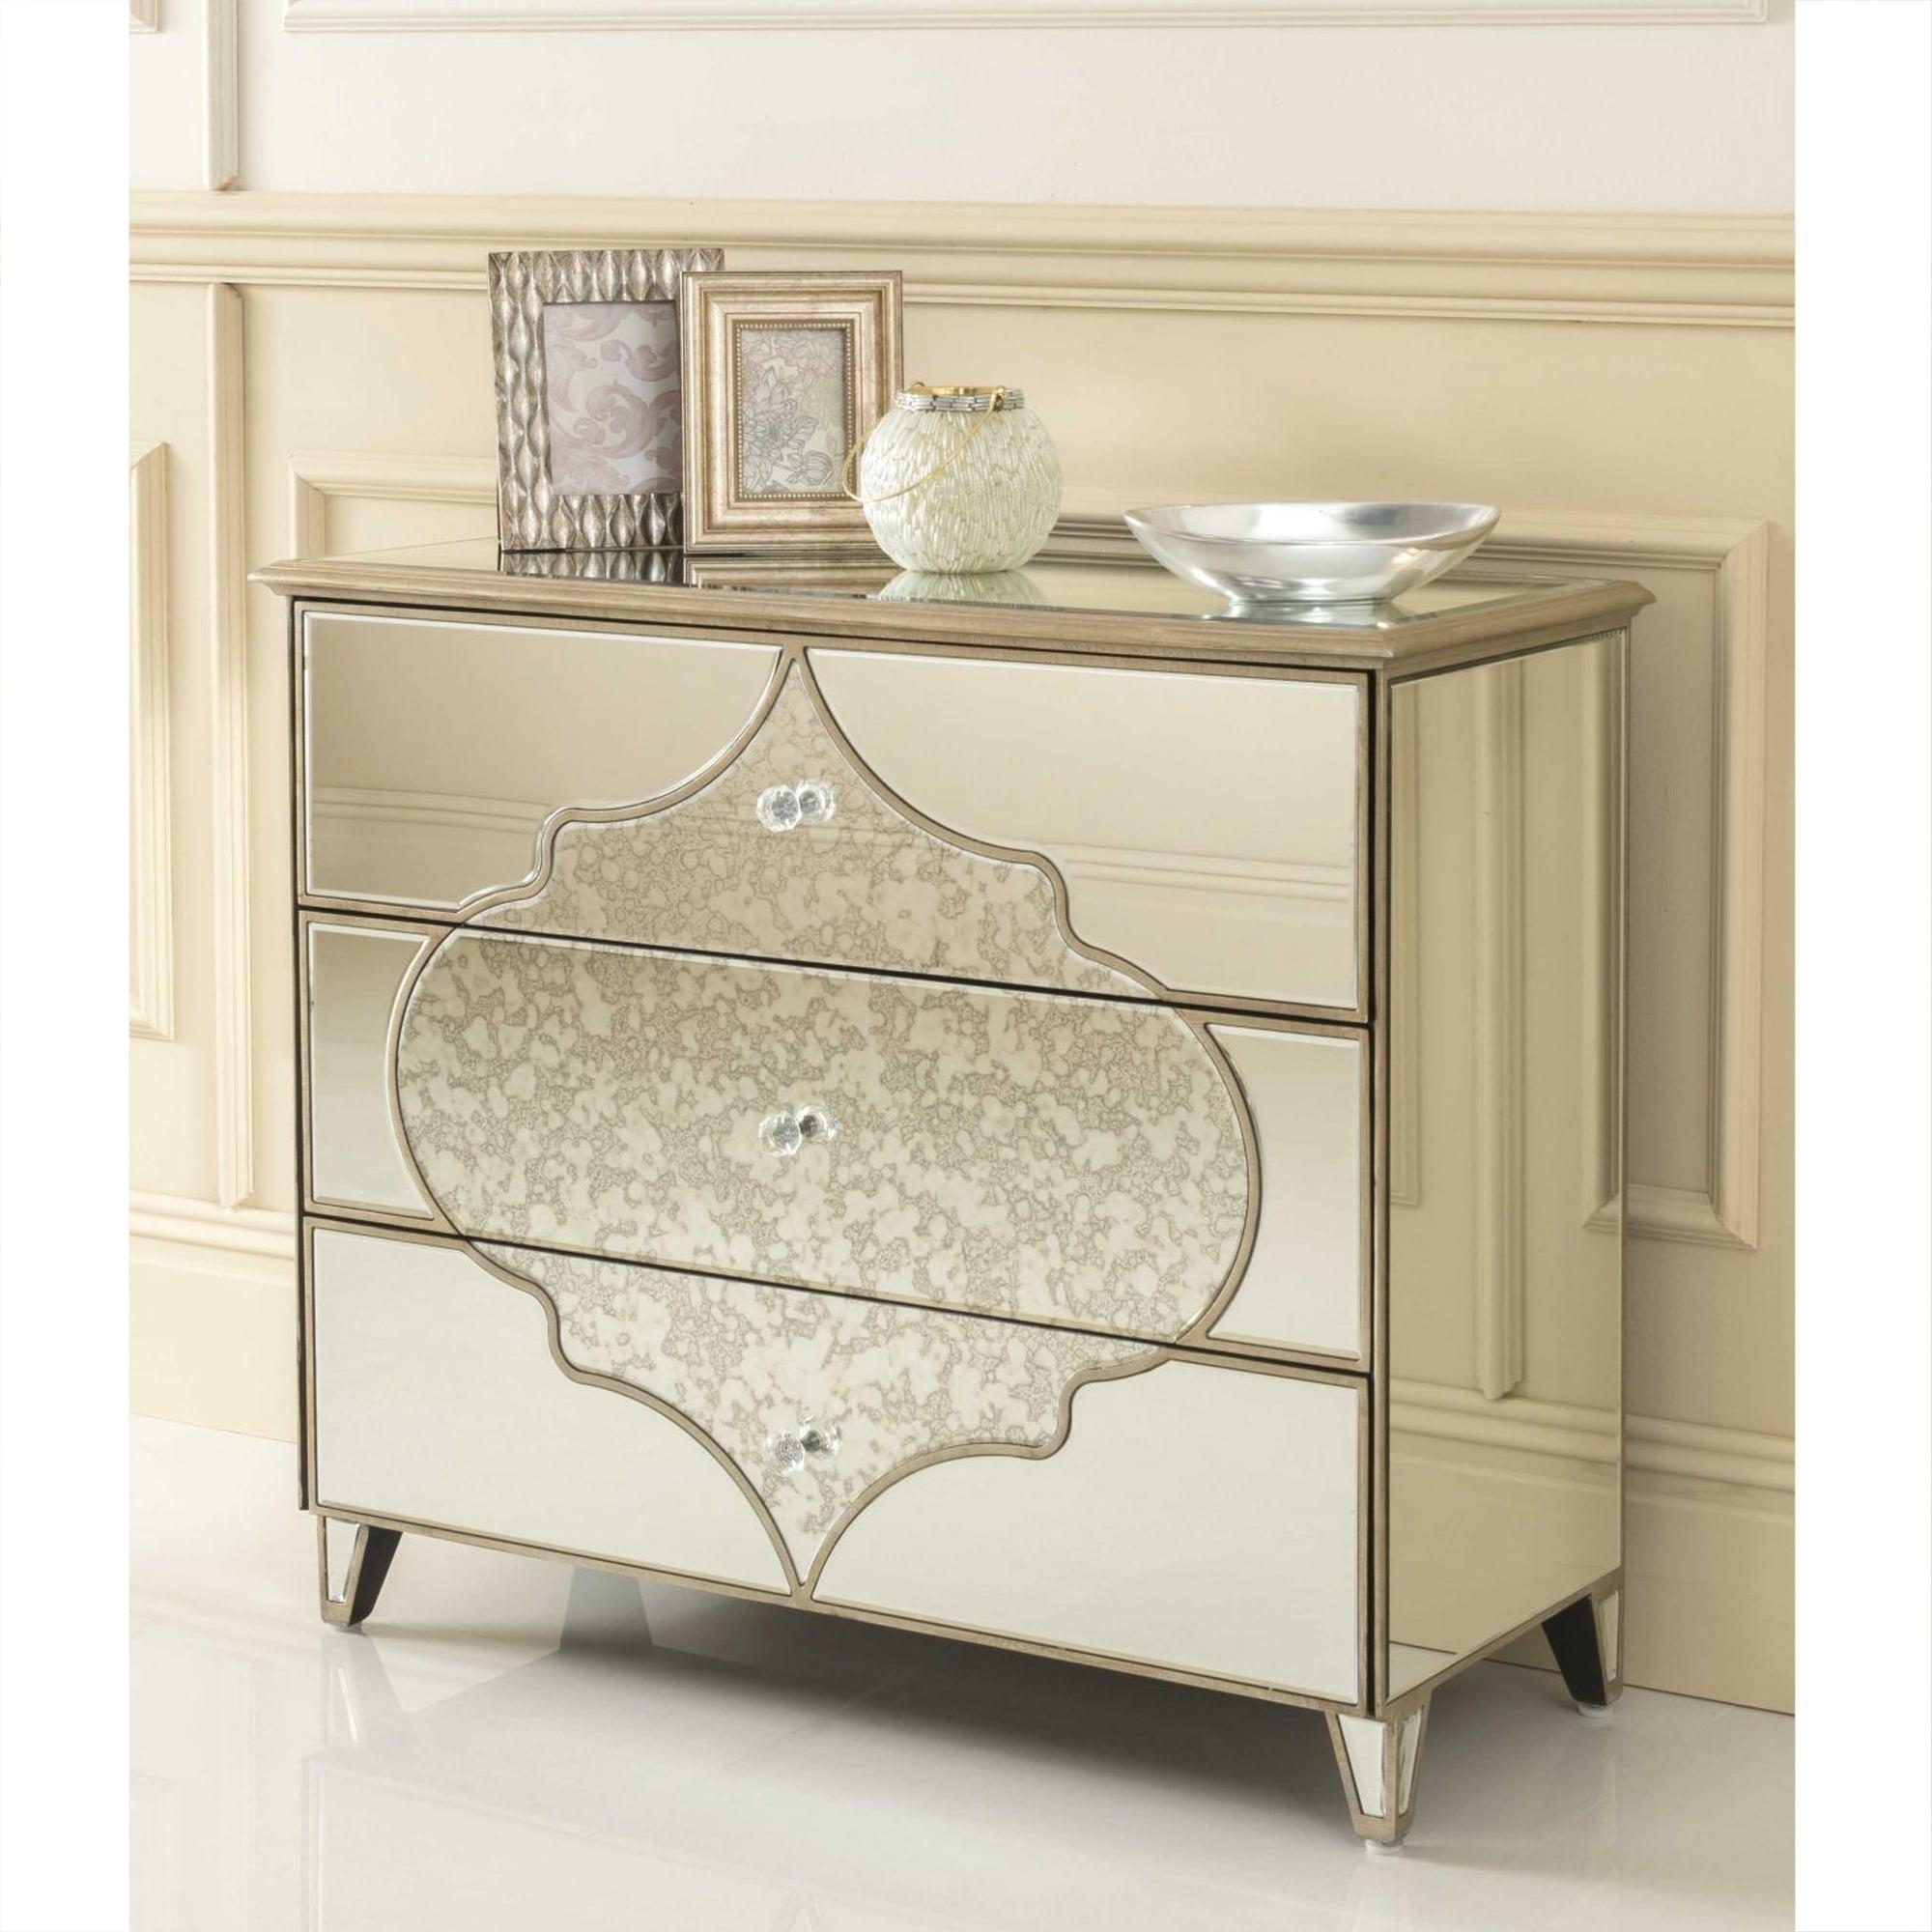 Sassari Mirrored Chest Of Drawers Venetian Furniture Pertaining To Venetian Mirrored Chest Of Drawers (Image 8 of 15)